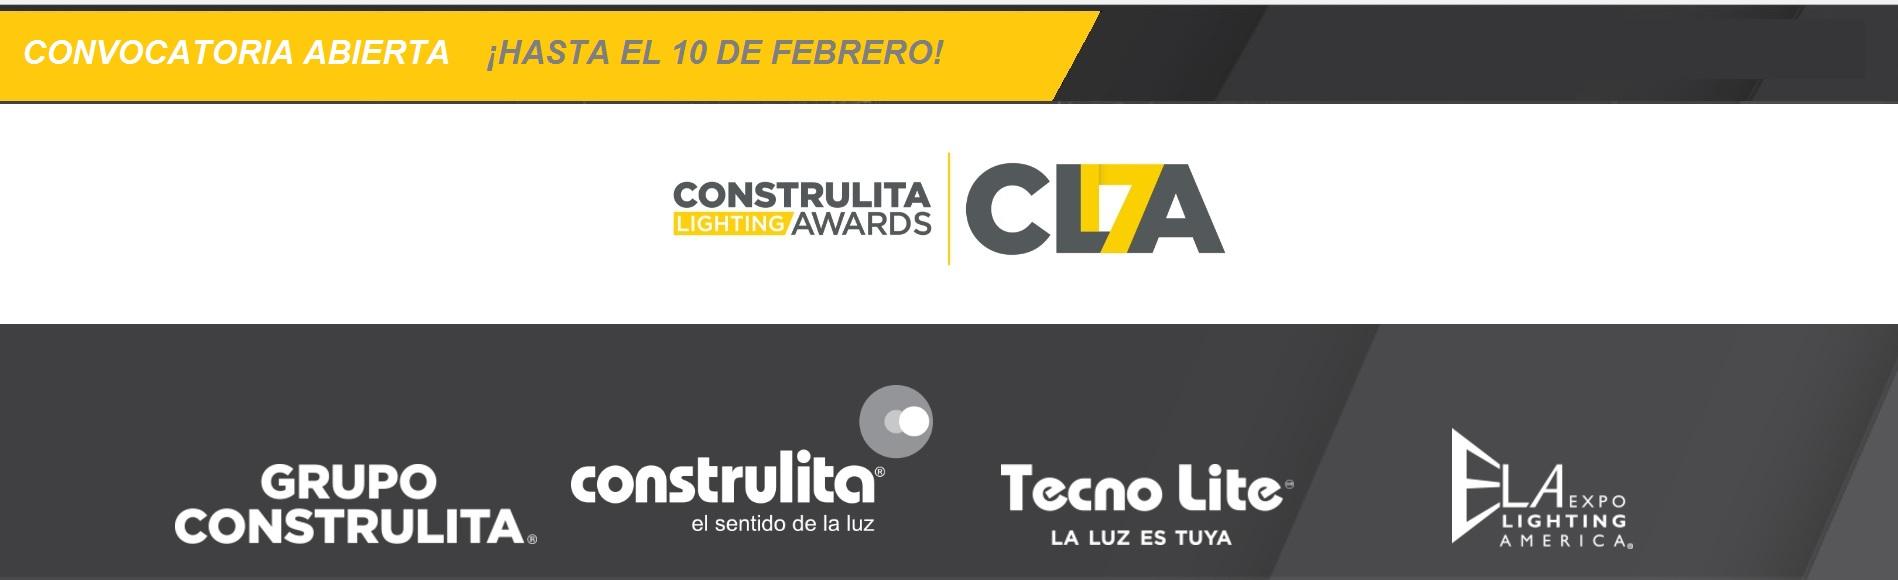 Convocatoria abierta CLA17